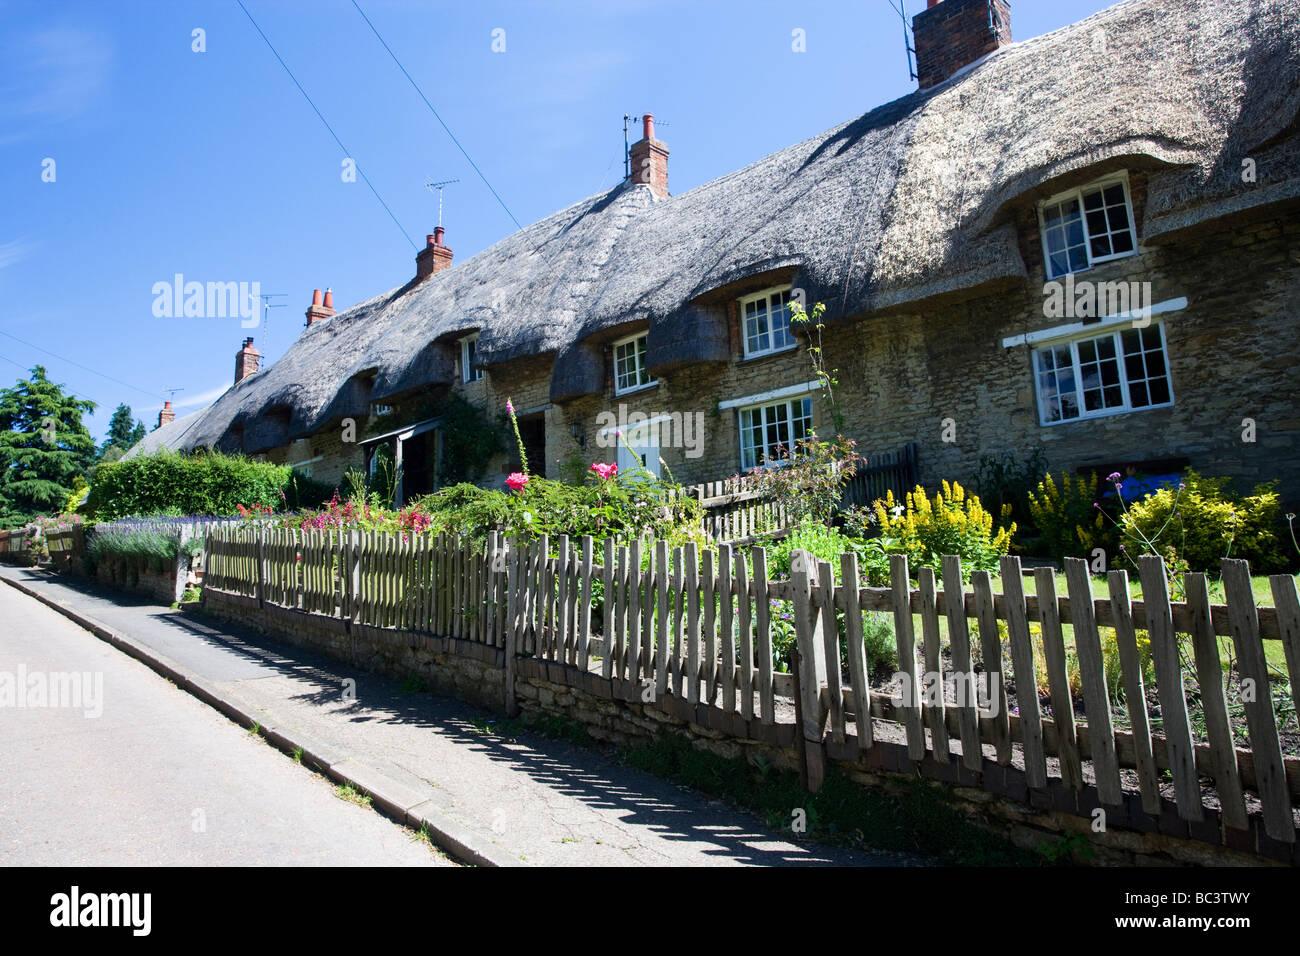 Row of Cottages, Cranford St John, Northamptonshire, England, UK - Stock Image